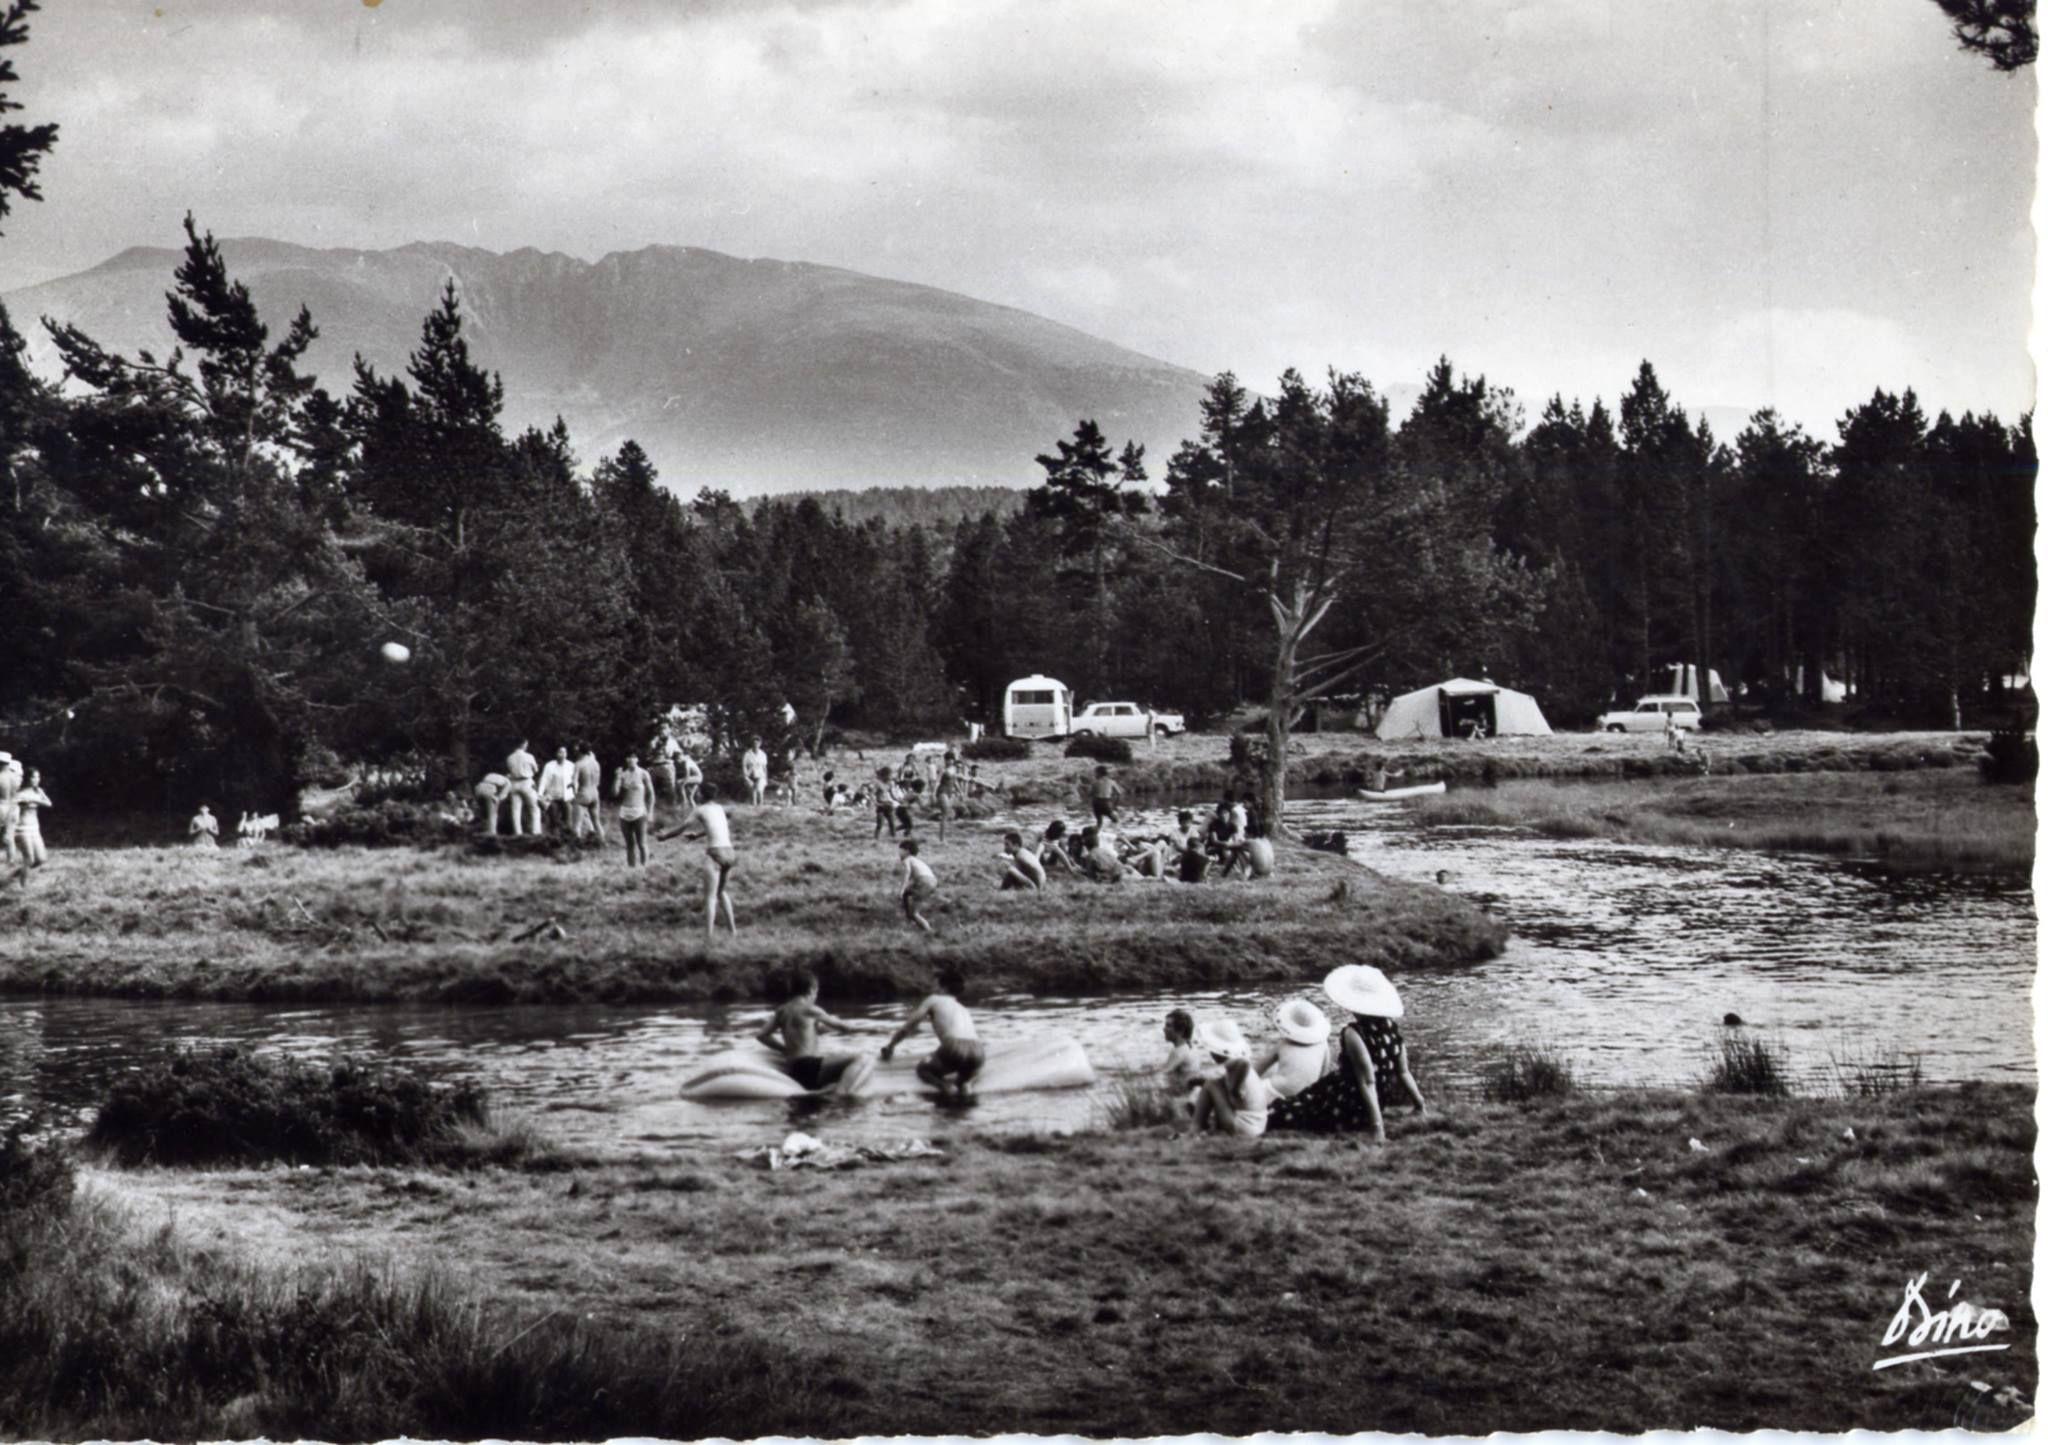 Le camping de Pla de Barrés est l'un des plus ancien camping du département (66)à Montlouis. Ici  dans les années 50.